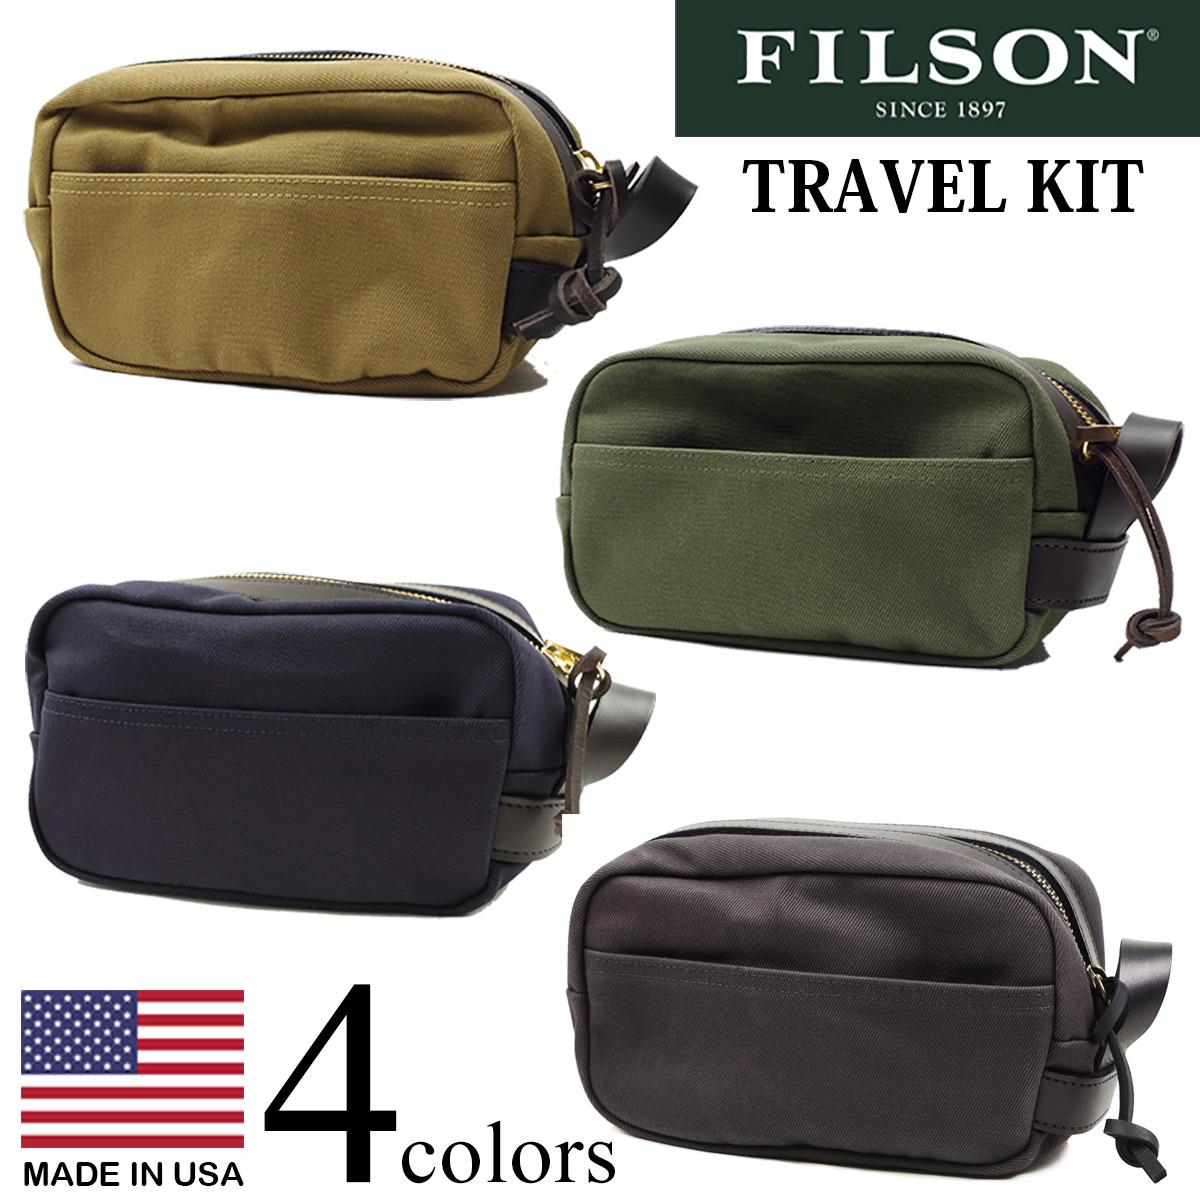 フィルソン FILSON トラベル キット (米国製 TRAVEL KIT ポーチ)